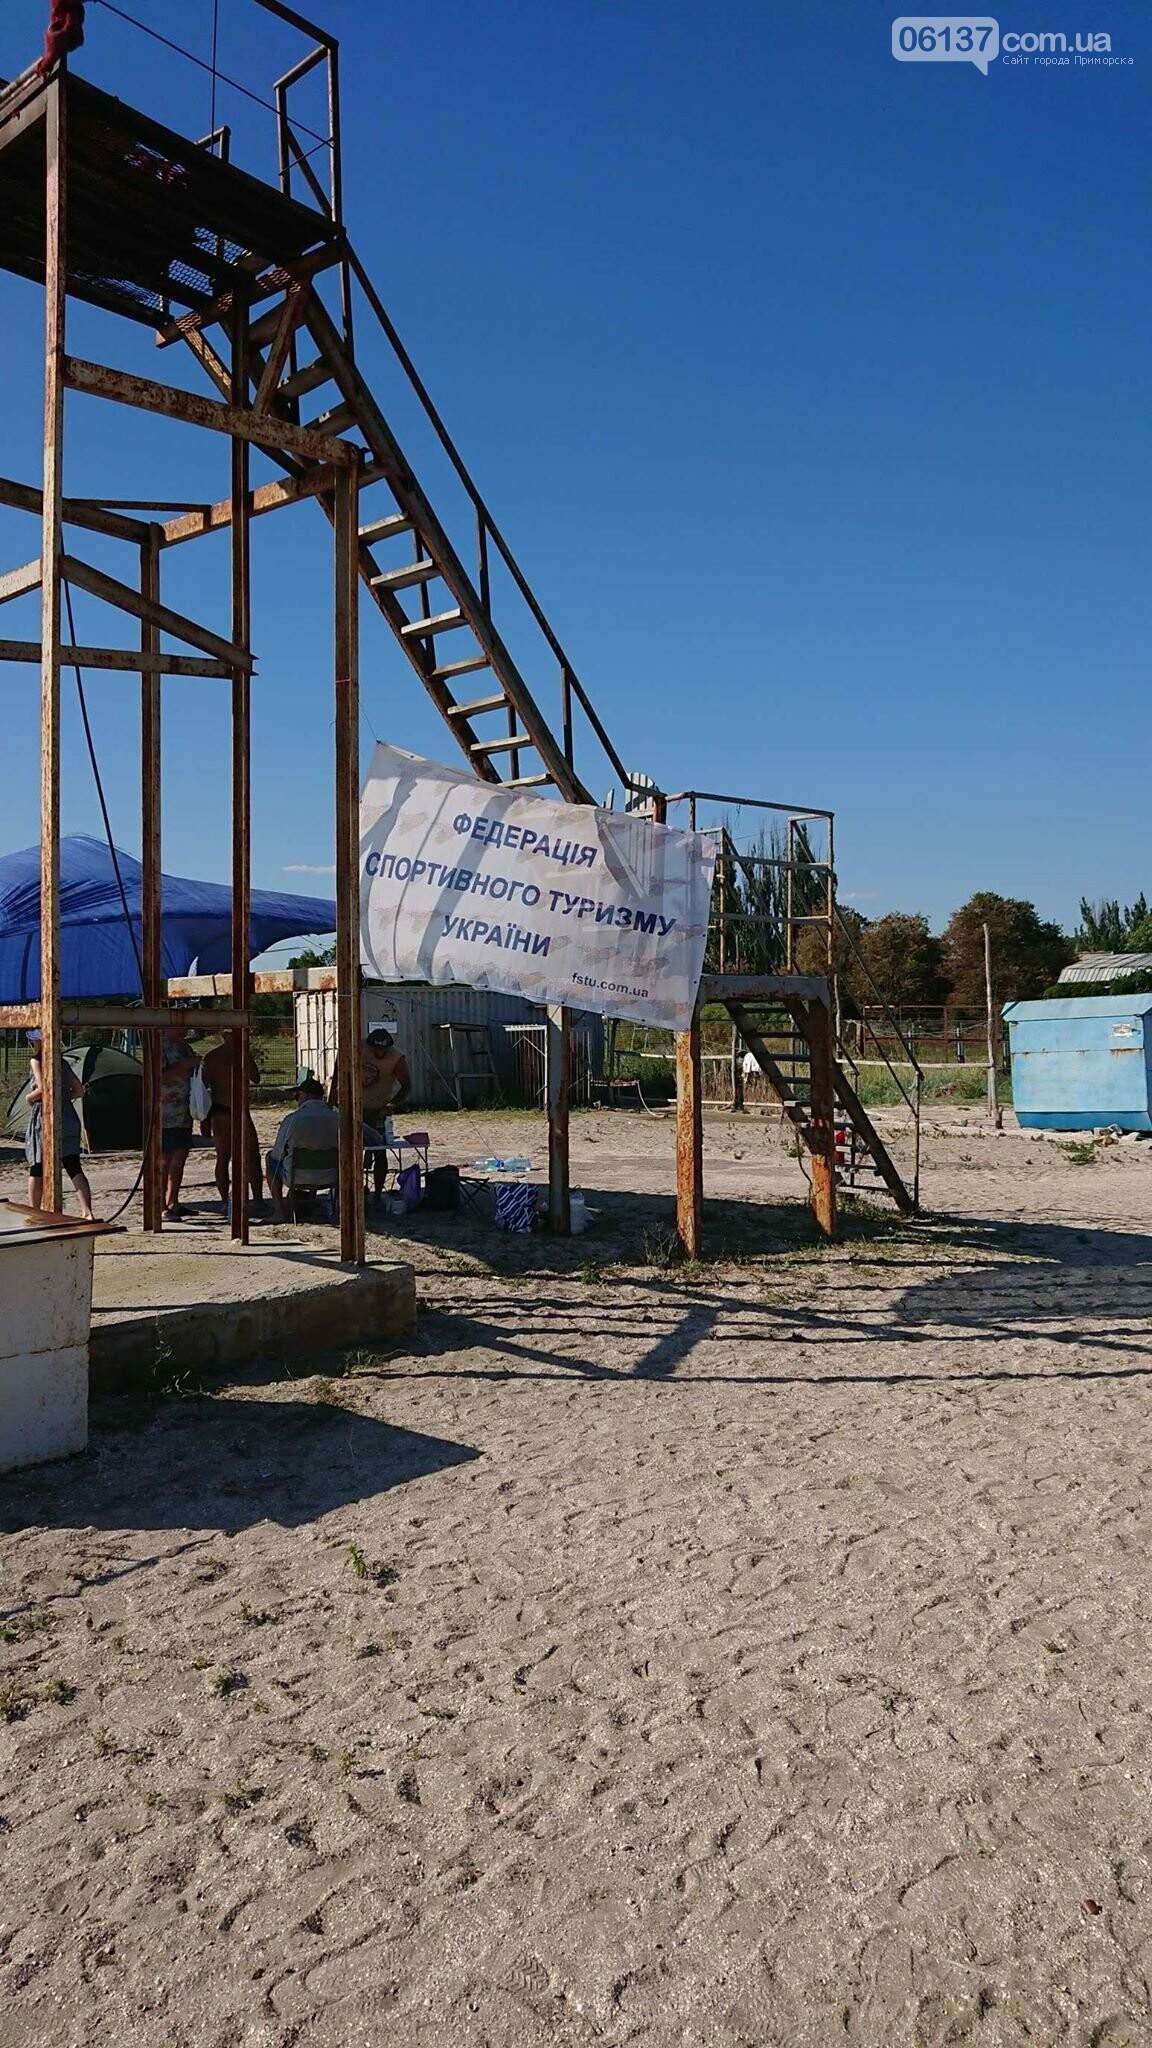 В Приморську відбуваються змагання на Кубок України зі спортивного туризму, фото-4